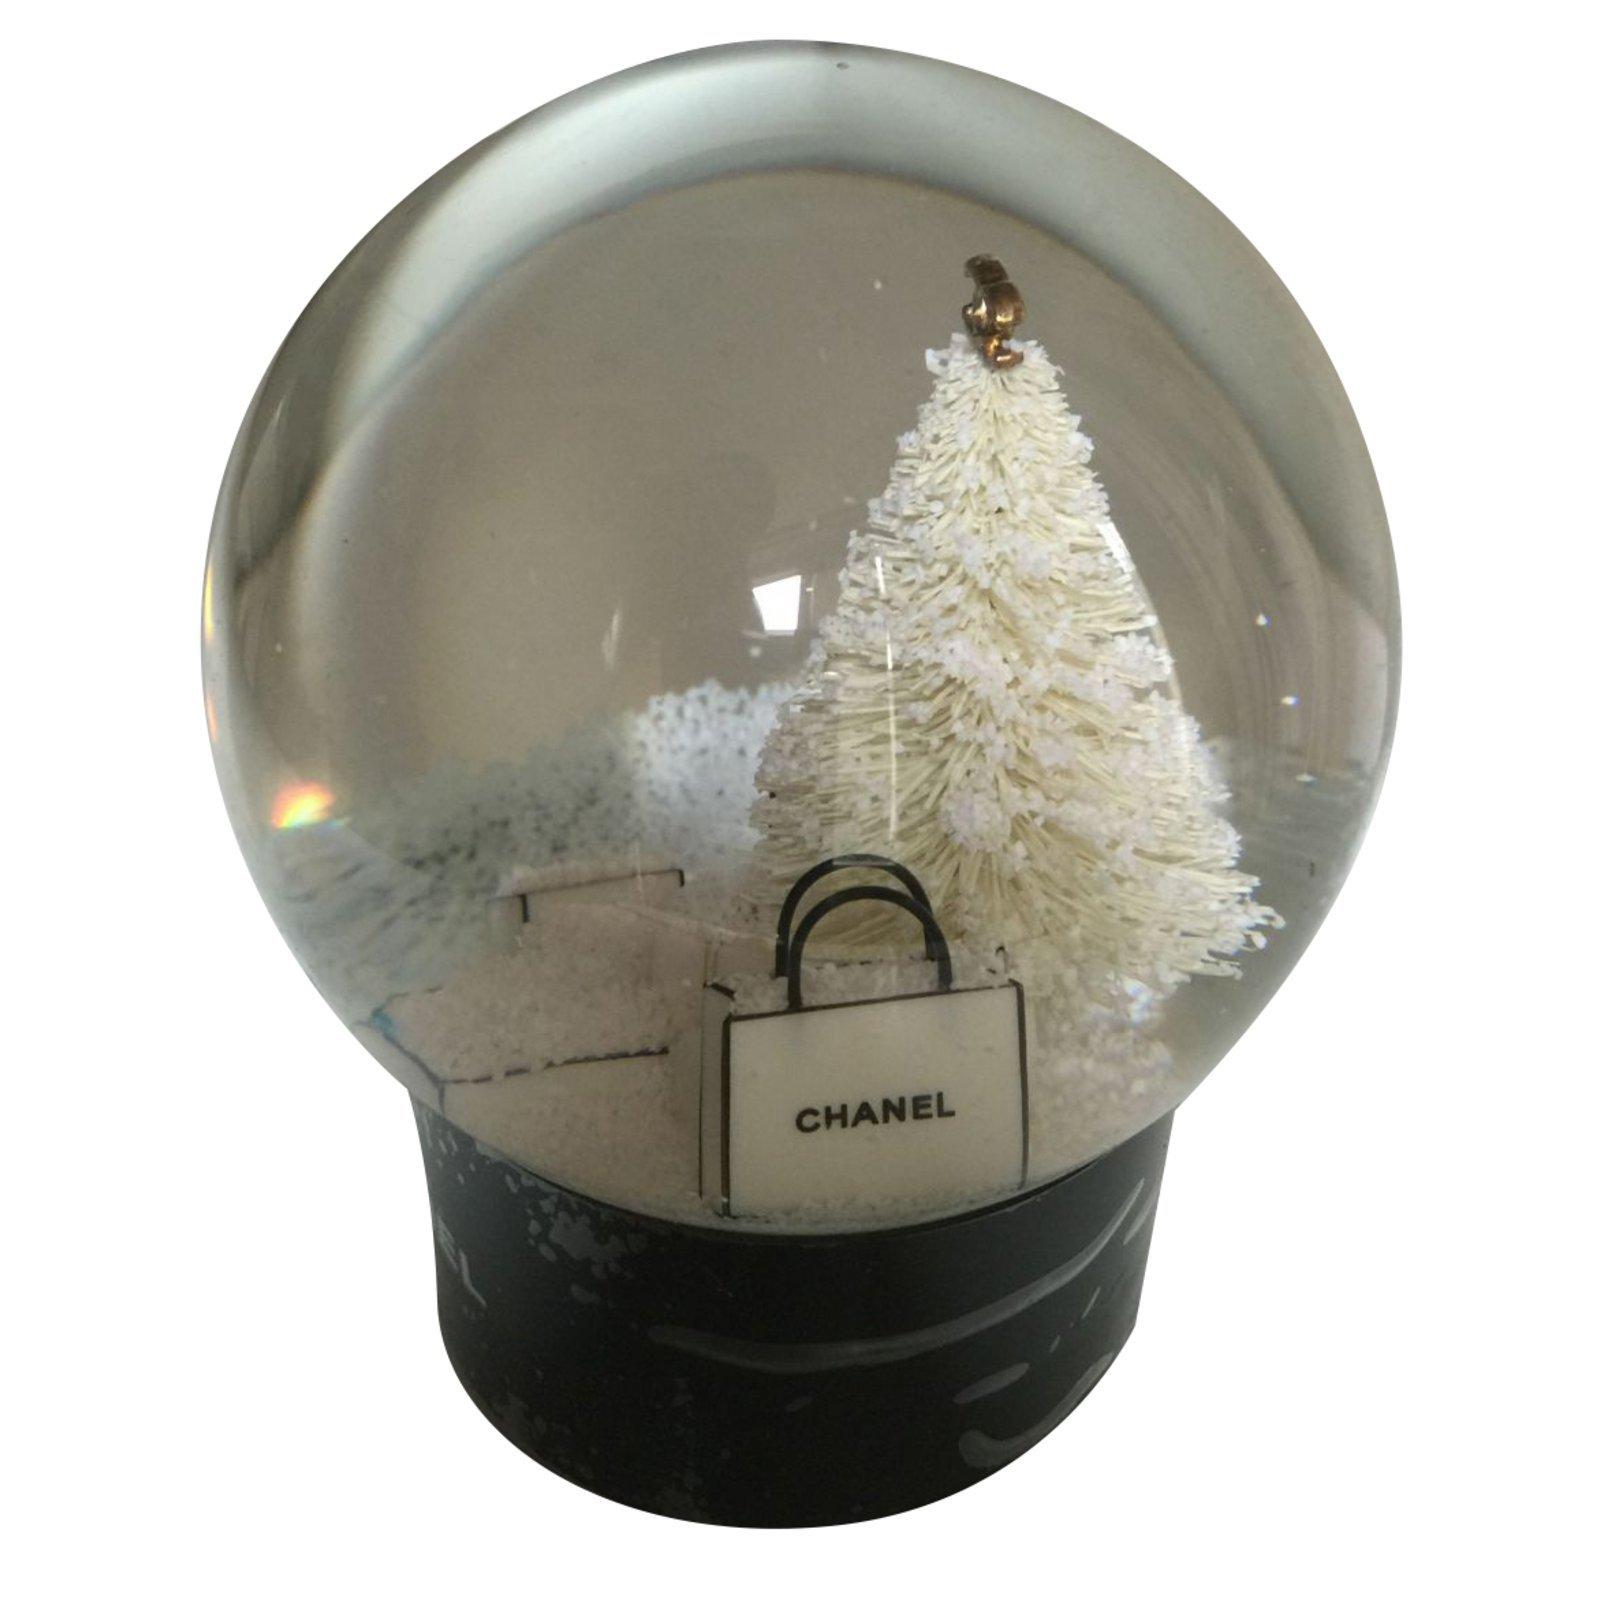 cadeaux vip chanel boule neige verre autre. Black Bedroom Furniture Sets. Home Design Ideas